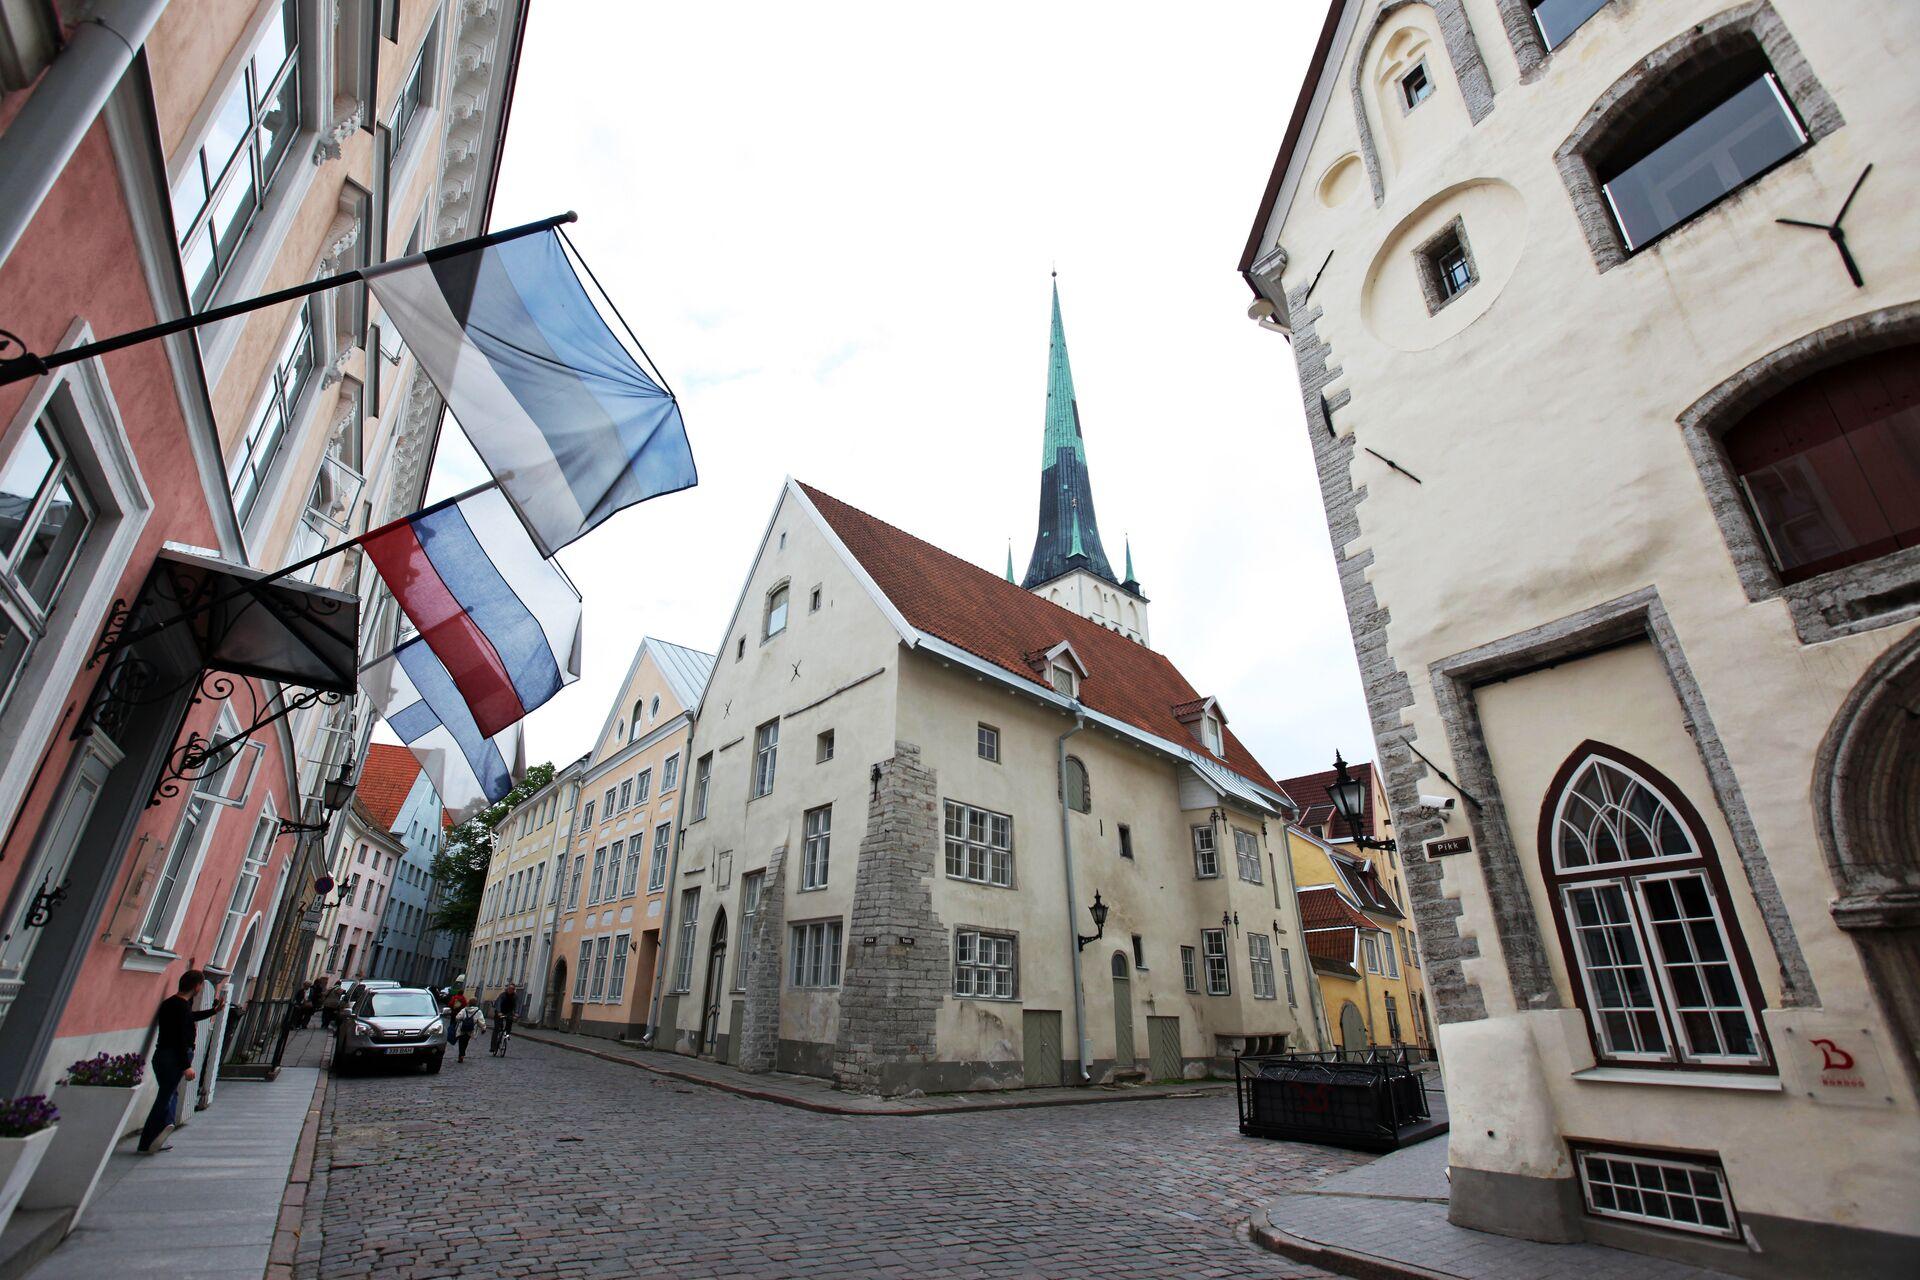 Флаги России и Эстонии в Таллине  - РИА Новости, 1920, 24.02.2021